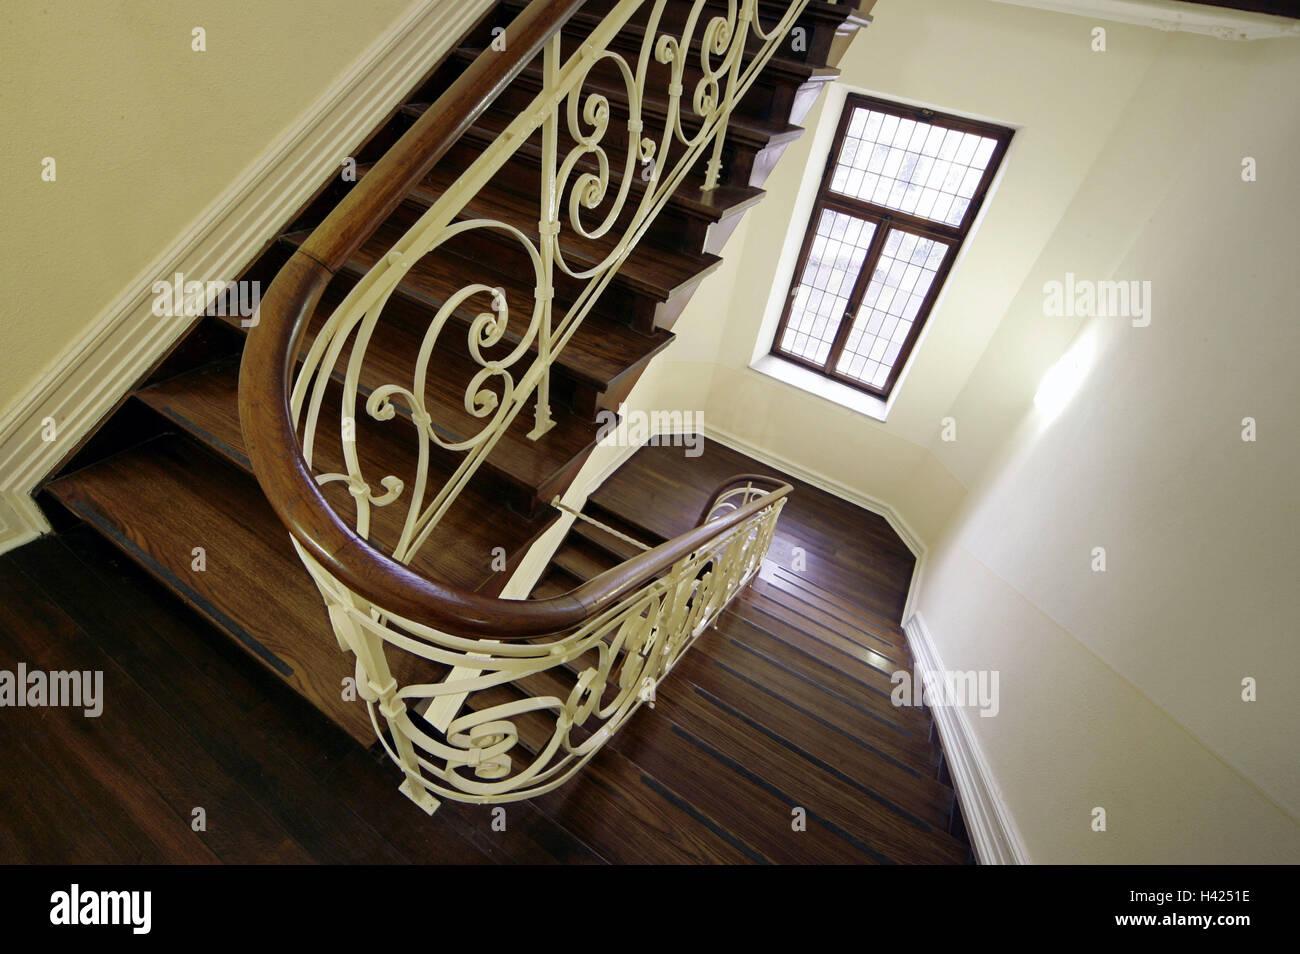 Escalier En Bois, Escalier, Mains Courantes, Décorer, Fenêtres, Escaliers,  Les Escaliers, La Lumière à Lu0027intérieur, La Réception De Lu0027intérieur,  Garde Corps ...